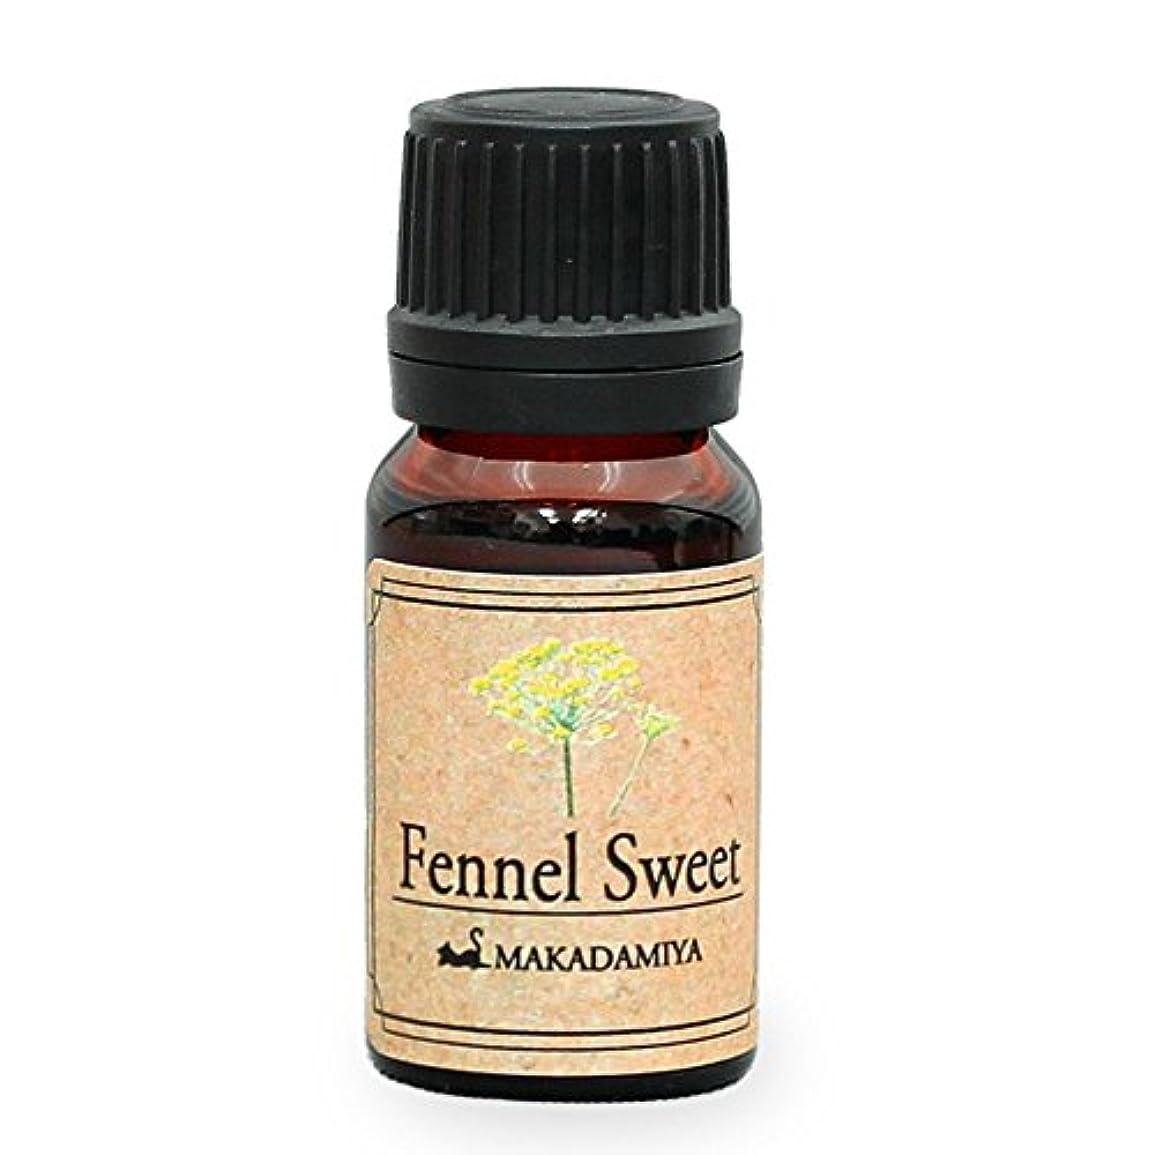 役に立つリズムジムフェンネルスウィート10ml天然100%植物性エッセンシャルオイル(精油)アロマオイルアロママッサージアロマテラピーaroma Fennel Sweet